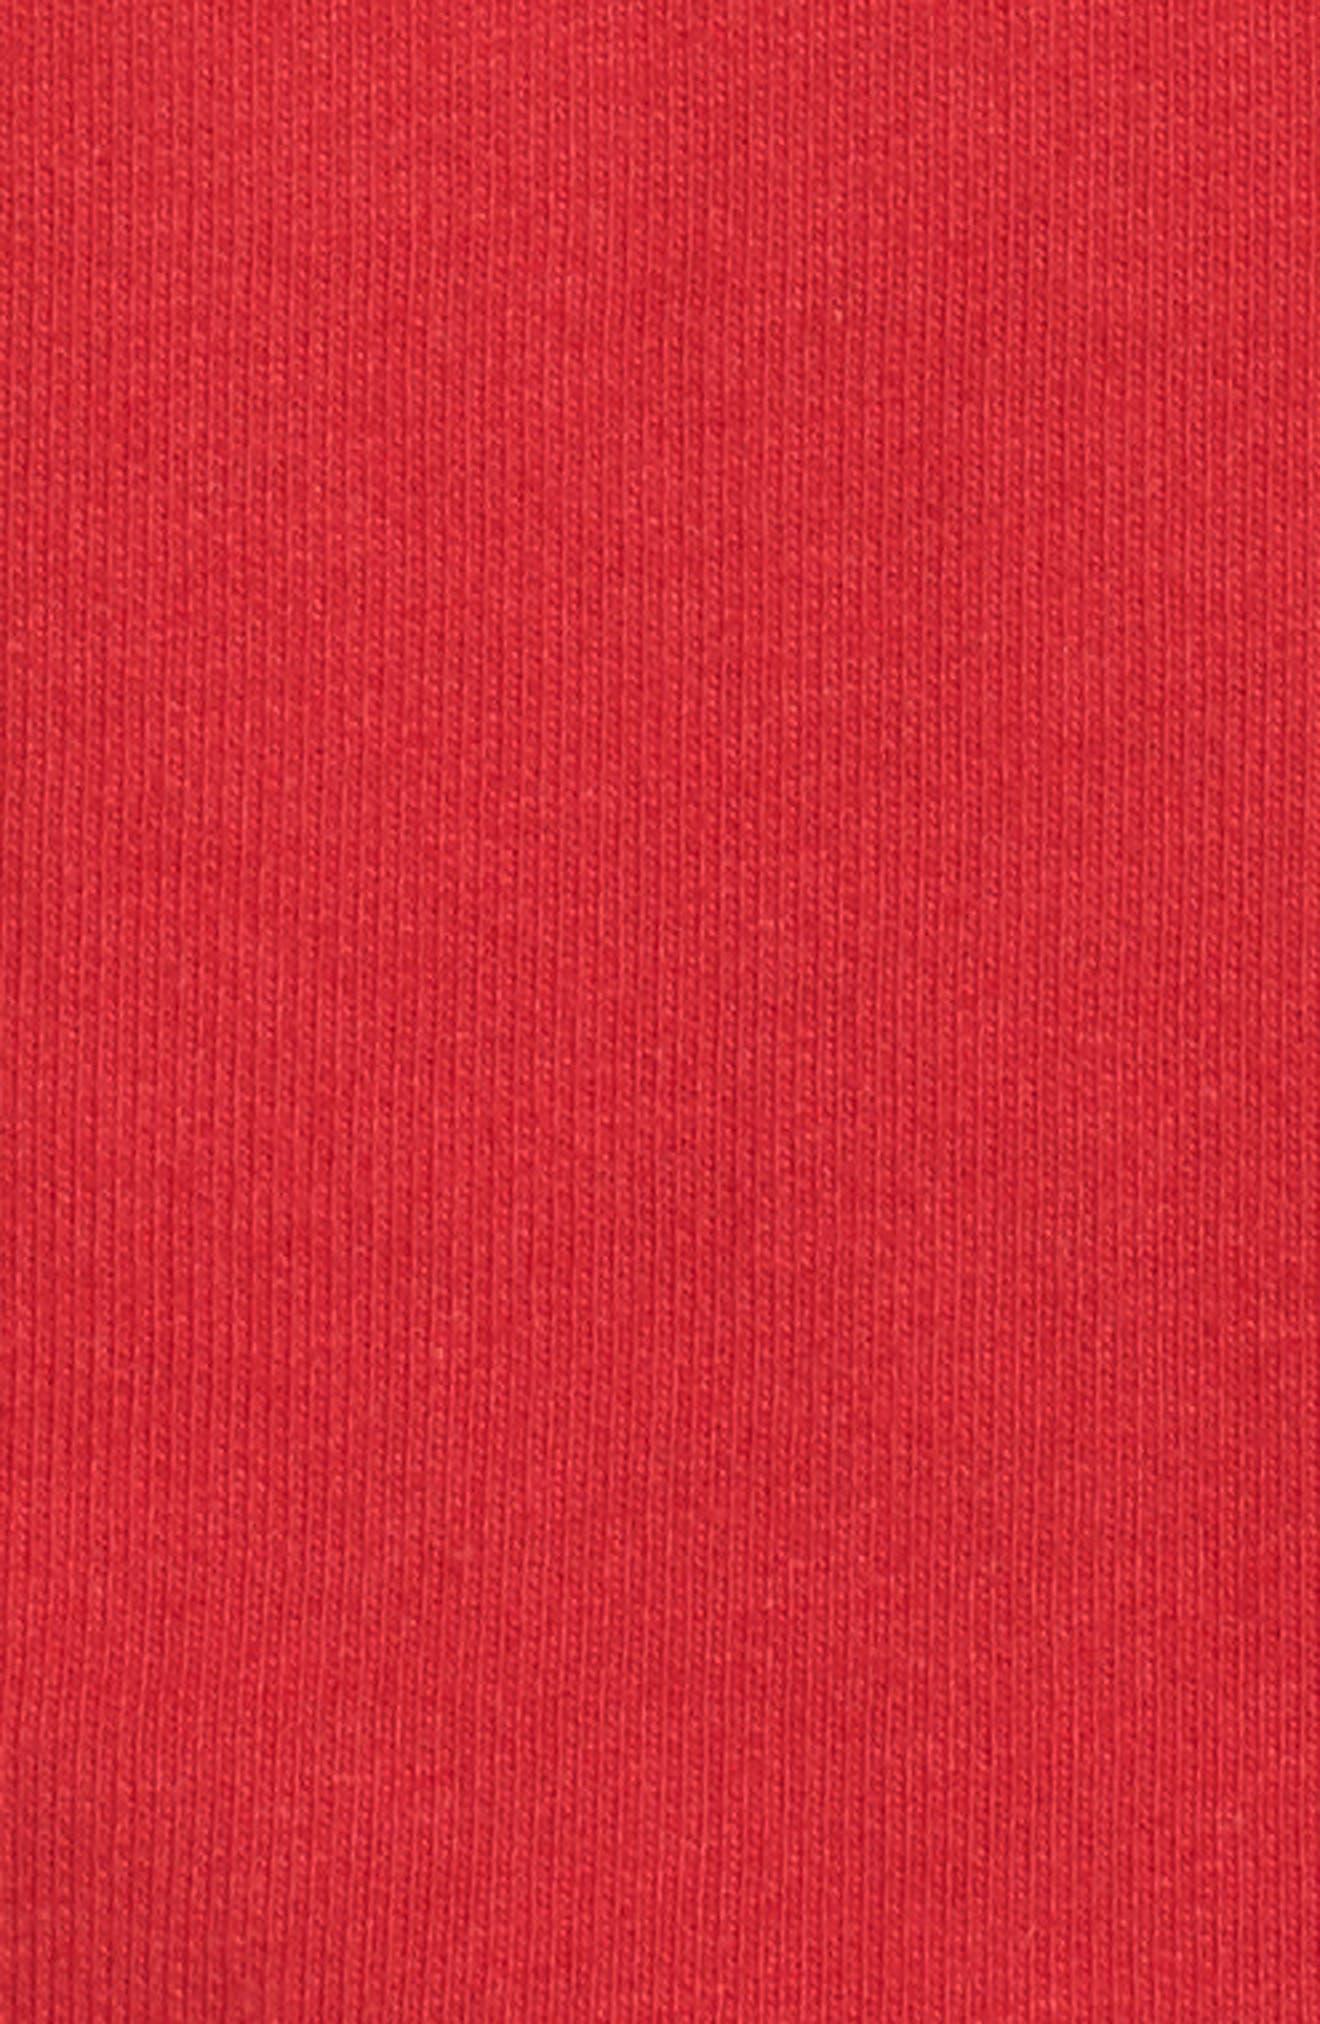 Authentic Crop Sweatshirt,                             Alternate thumbnail 6, color,                             001